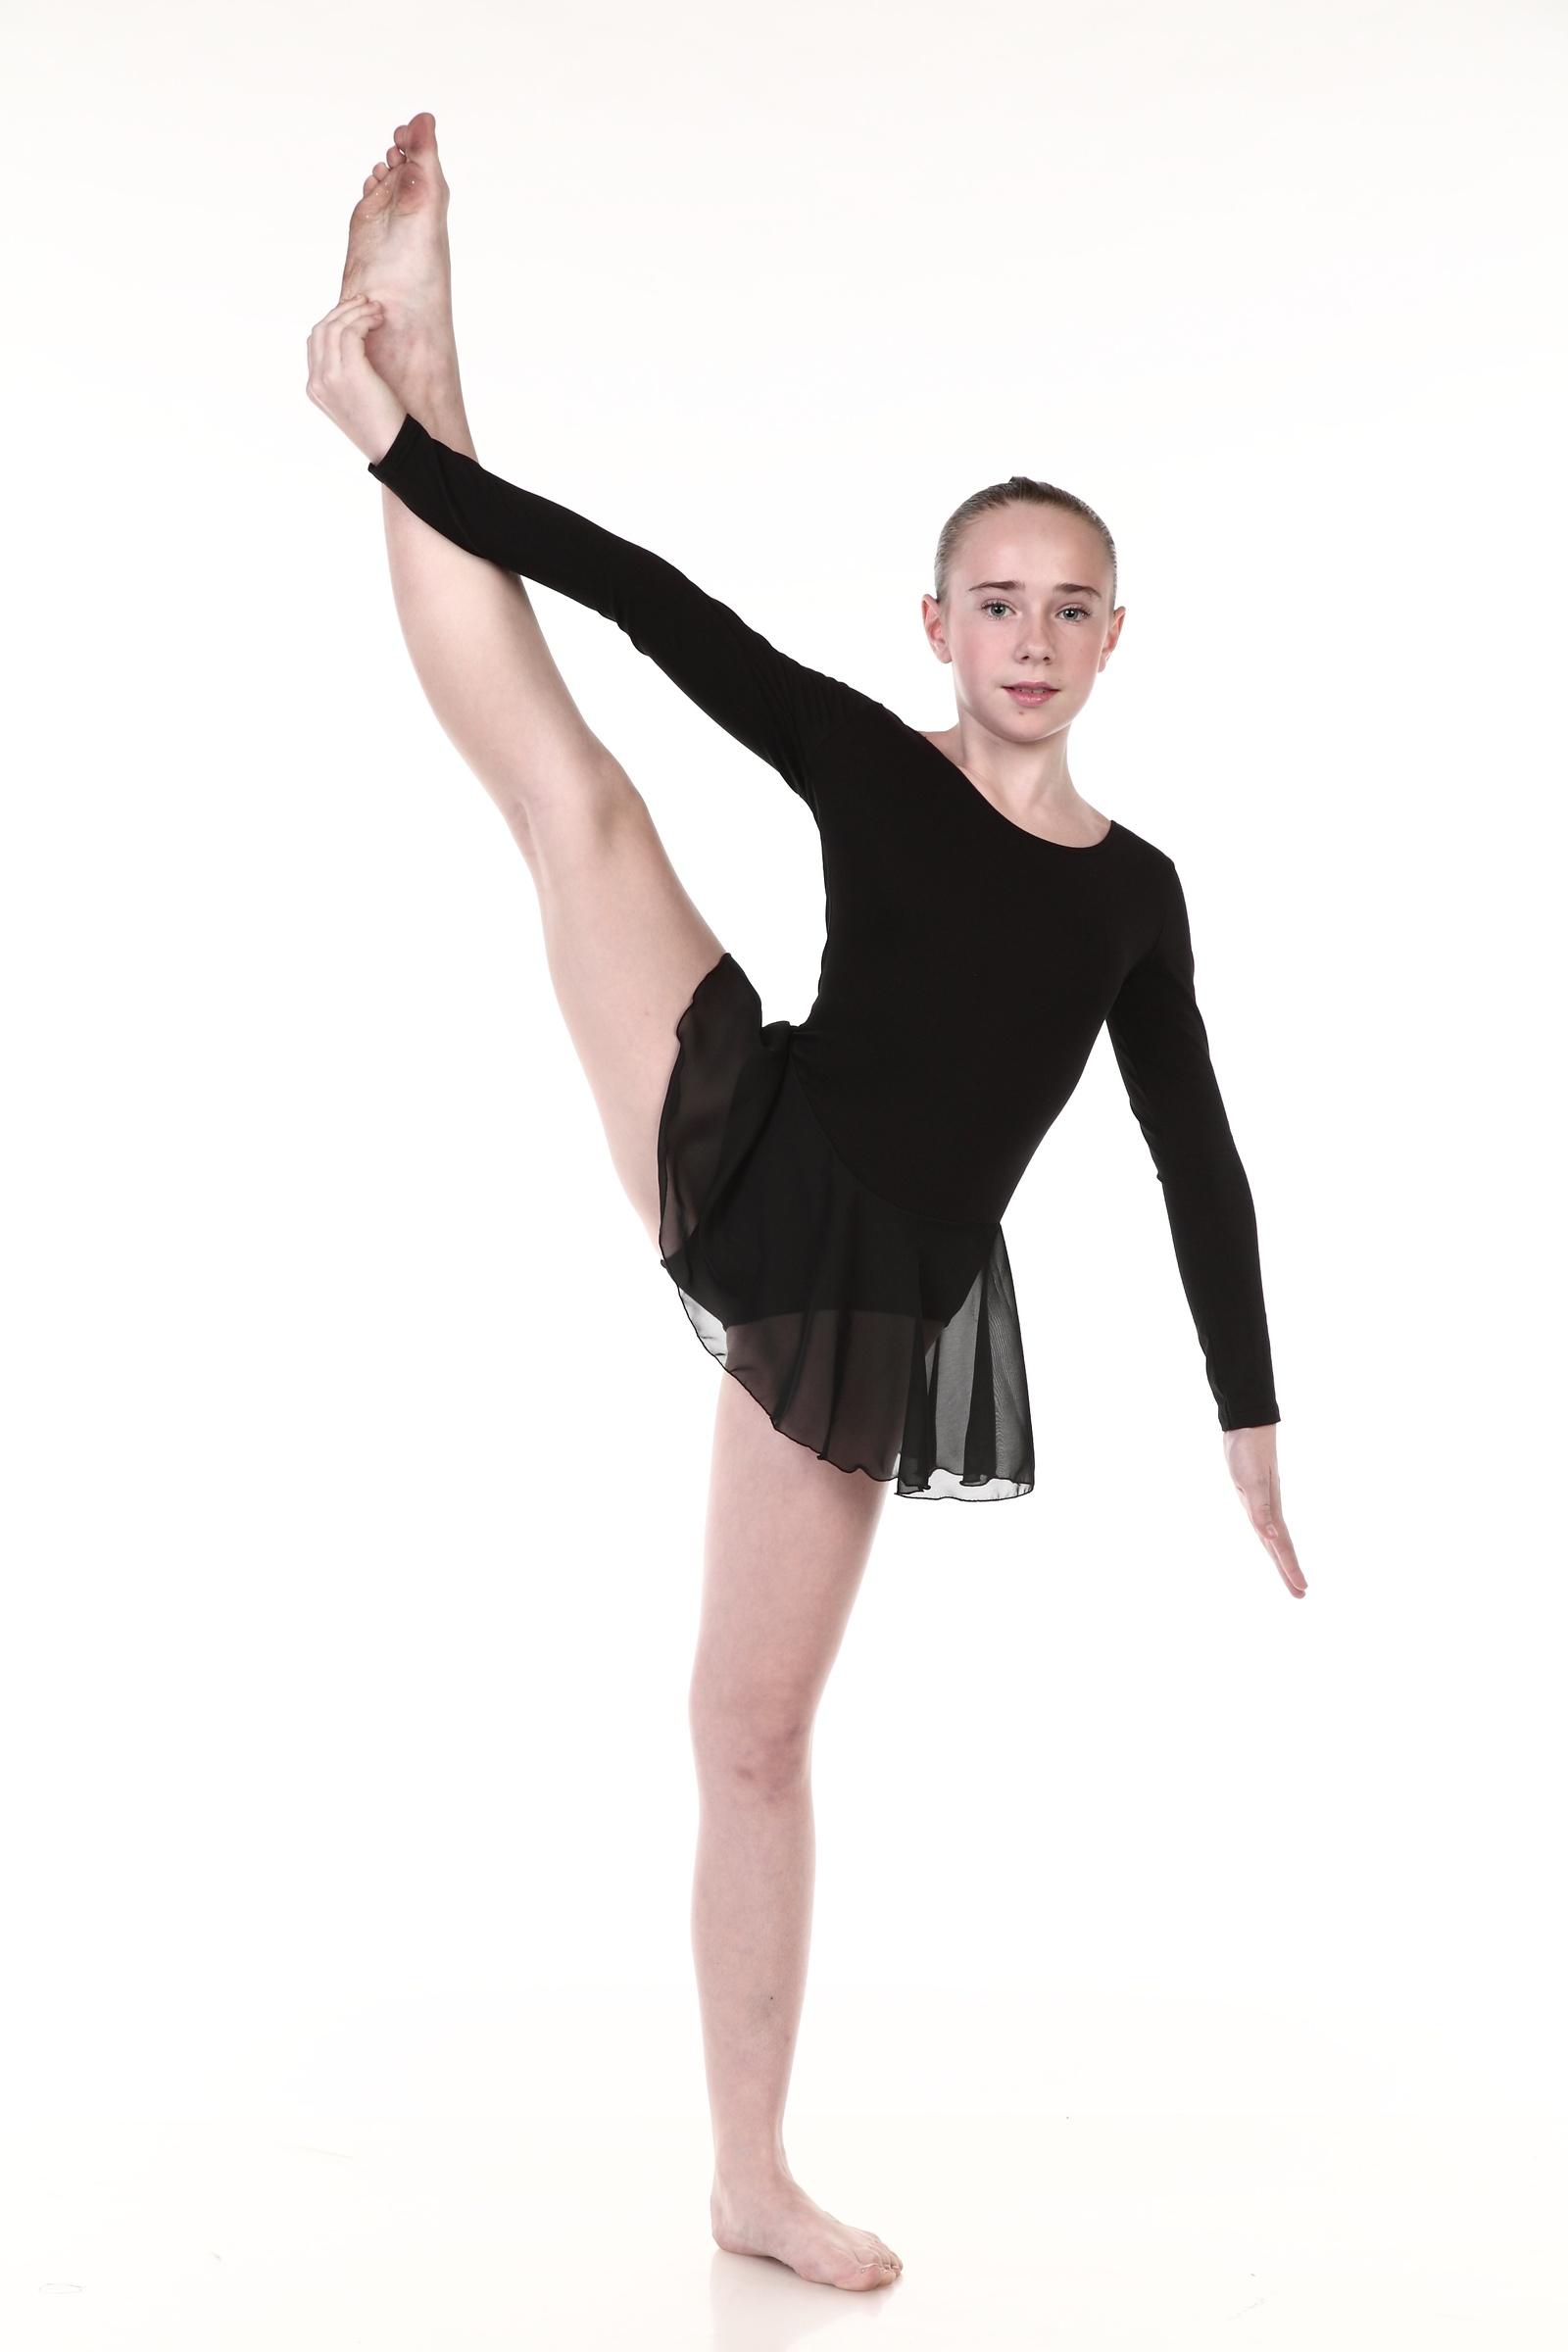 Гимнастический купальник Chersa, цвет: черный. Размер 367838_черный_36Классический купальник для занятий танцами, гимнастикой, балетом и ритмикой выполнен из высококачественного хлопка с добавлением лайкры. Купальник имеет длинный рукав, круглый вырез горловины и глубокий вырез на спинке. Короткая юбочка солнце выполнена из шифона.